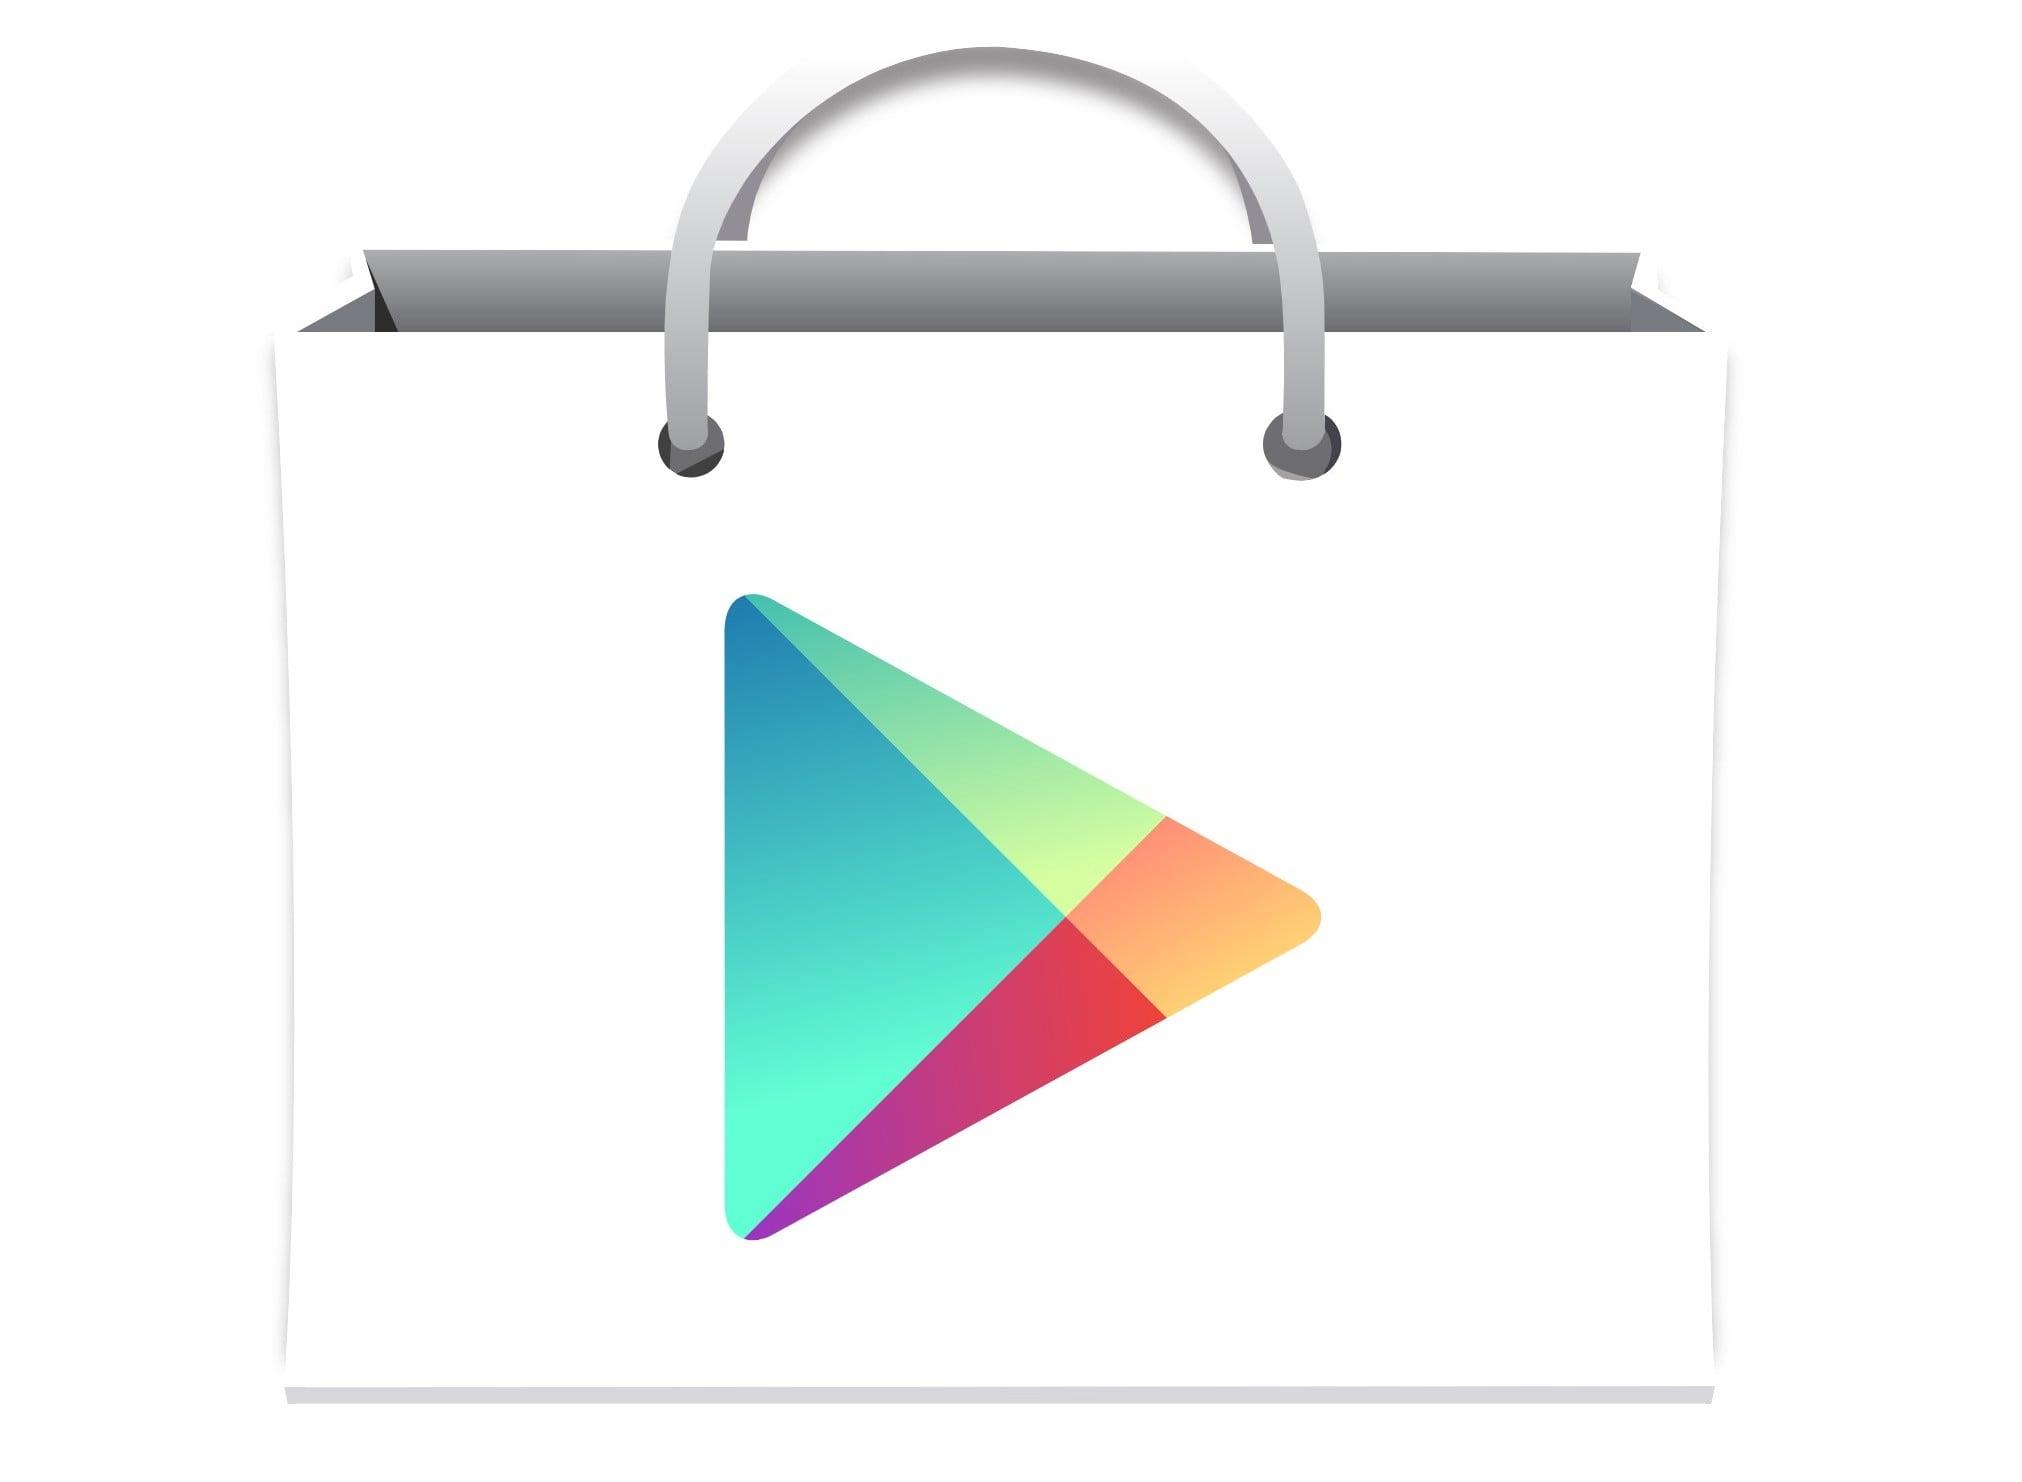 Aplikacje typu adware wciąż popularne - ostatnio pobrało je 8 milionów użytkowników Androida